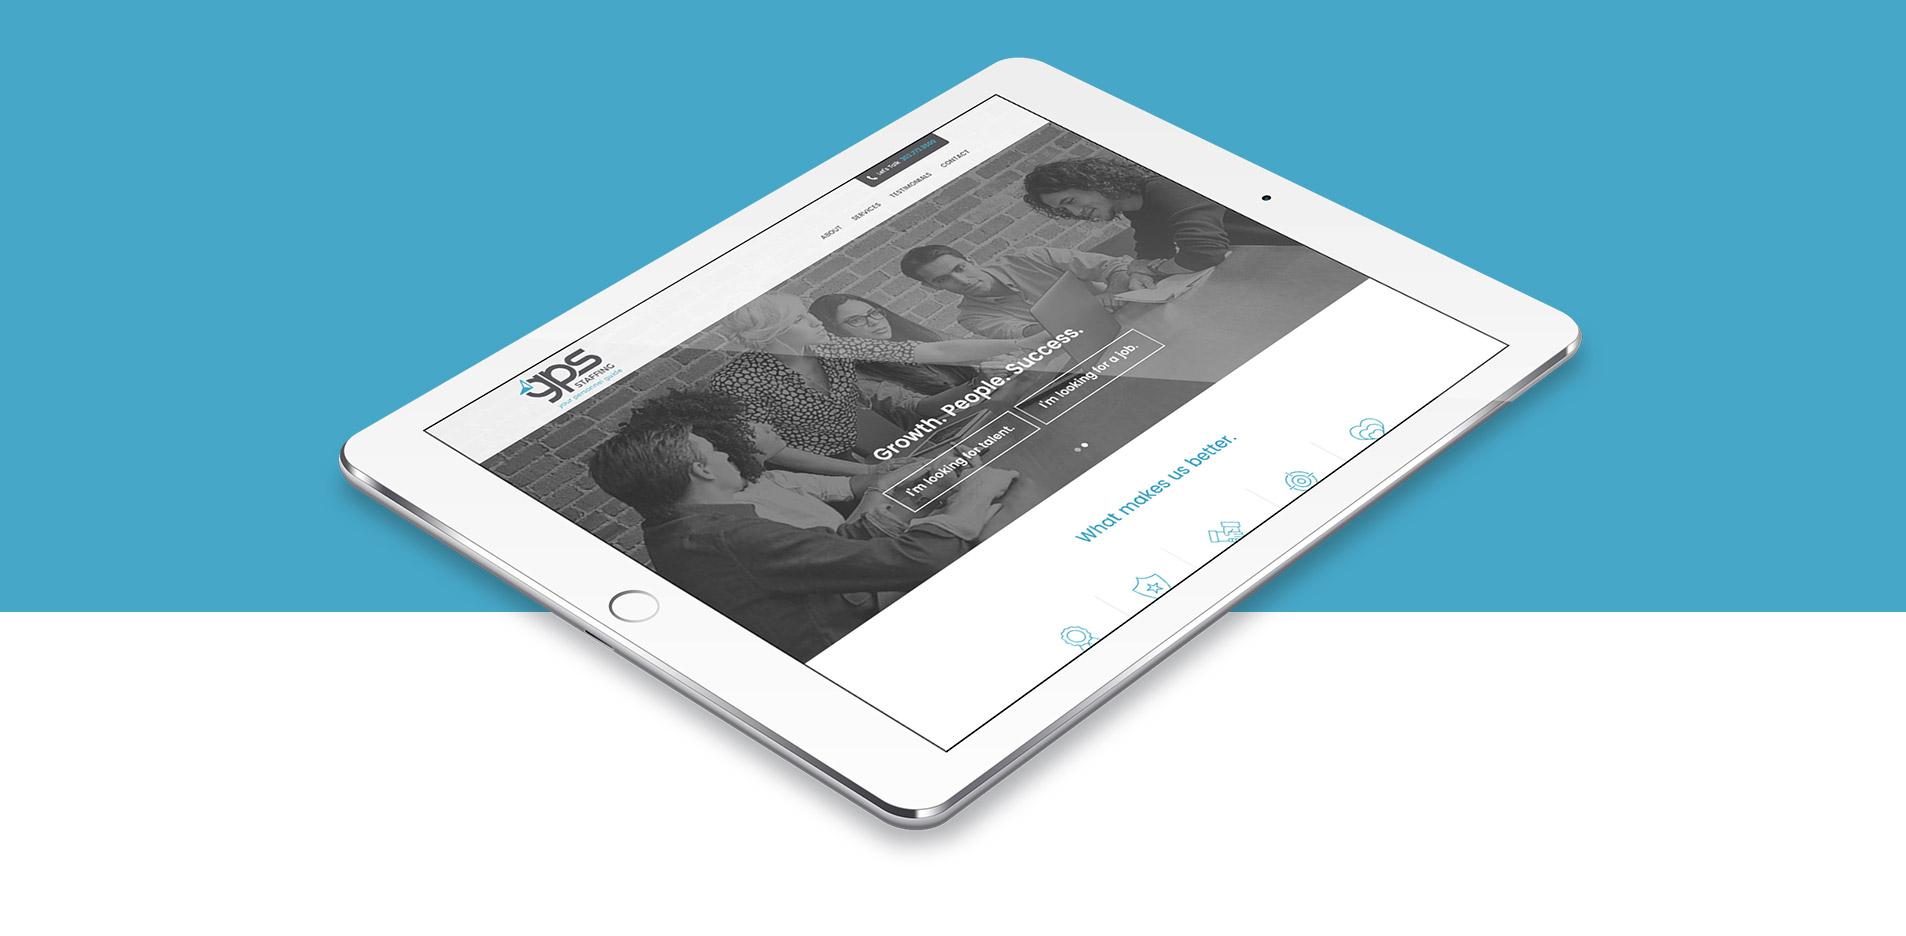 mobile website design for gps staffing